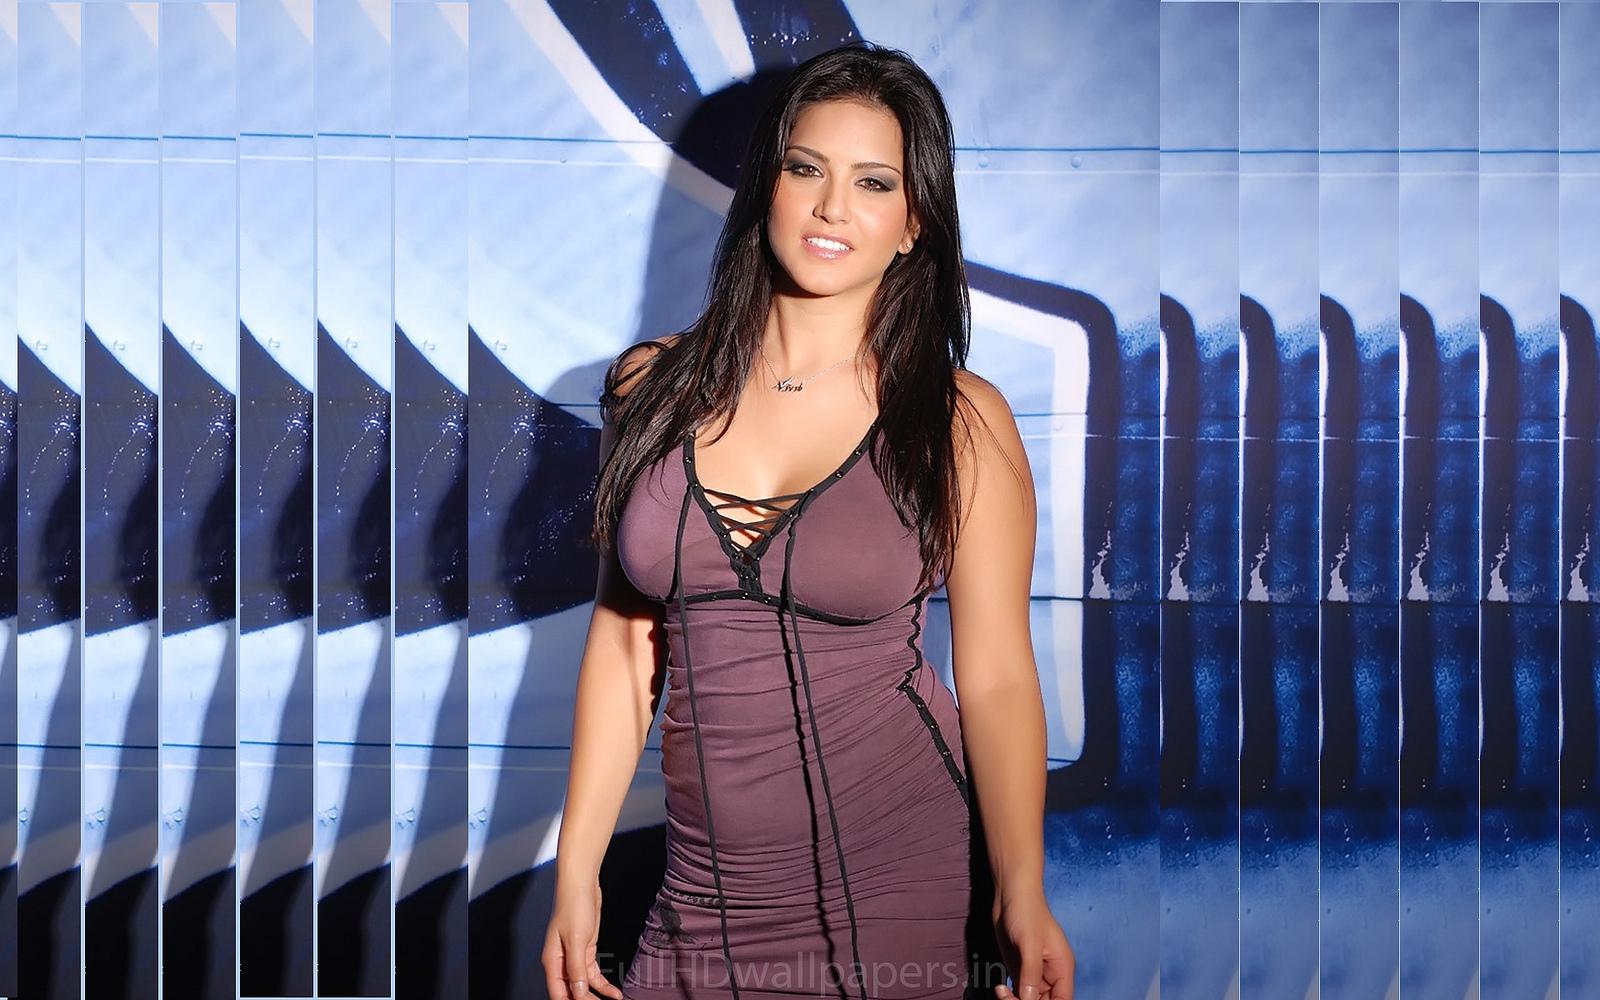 Sunny Leone Full Hd Porn